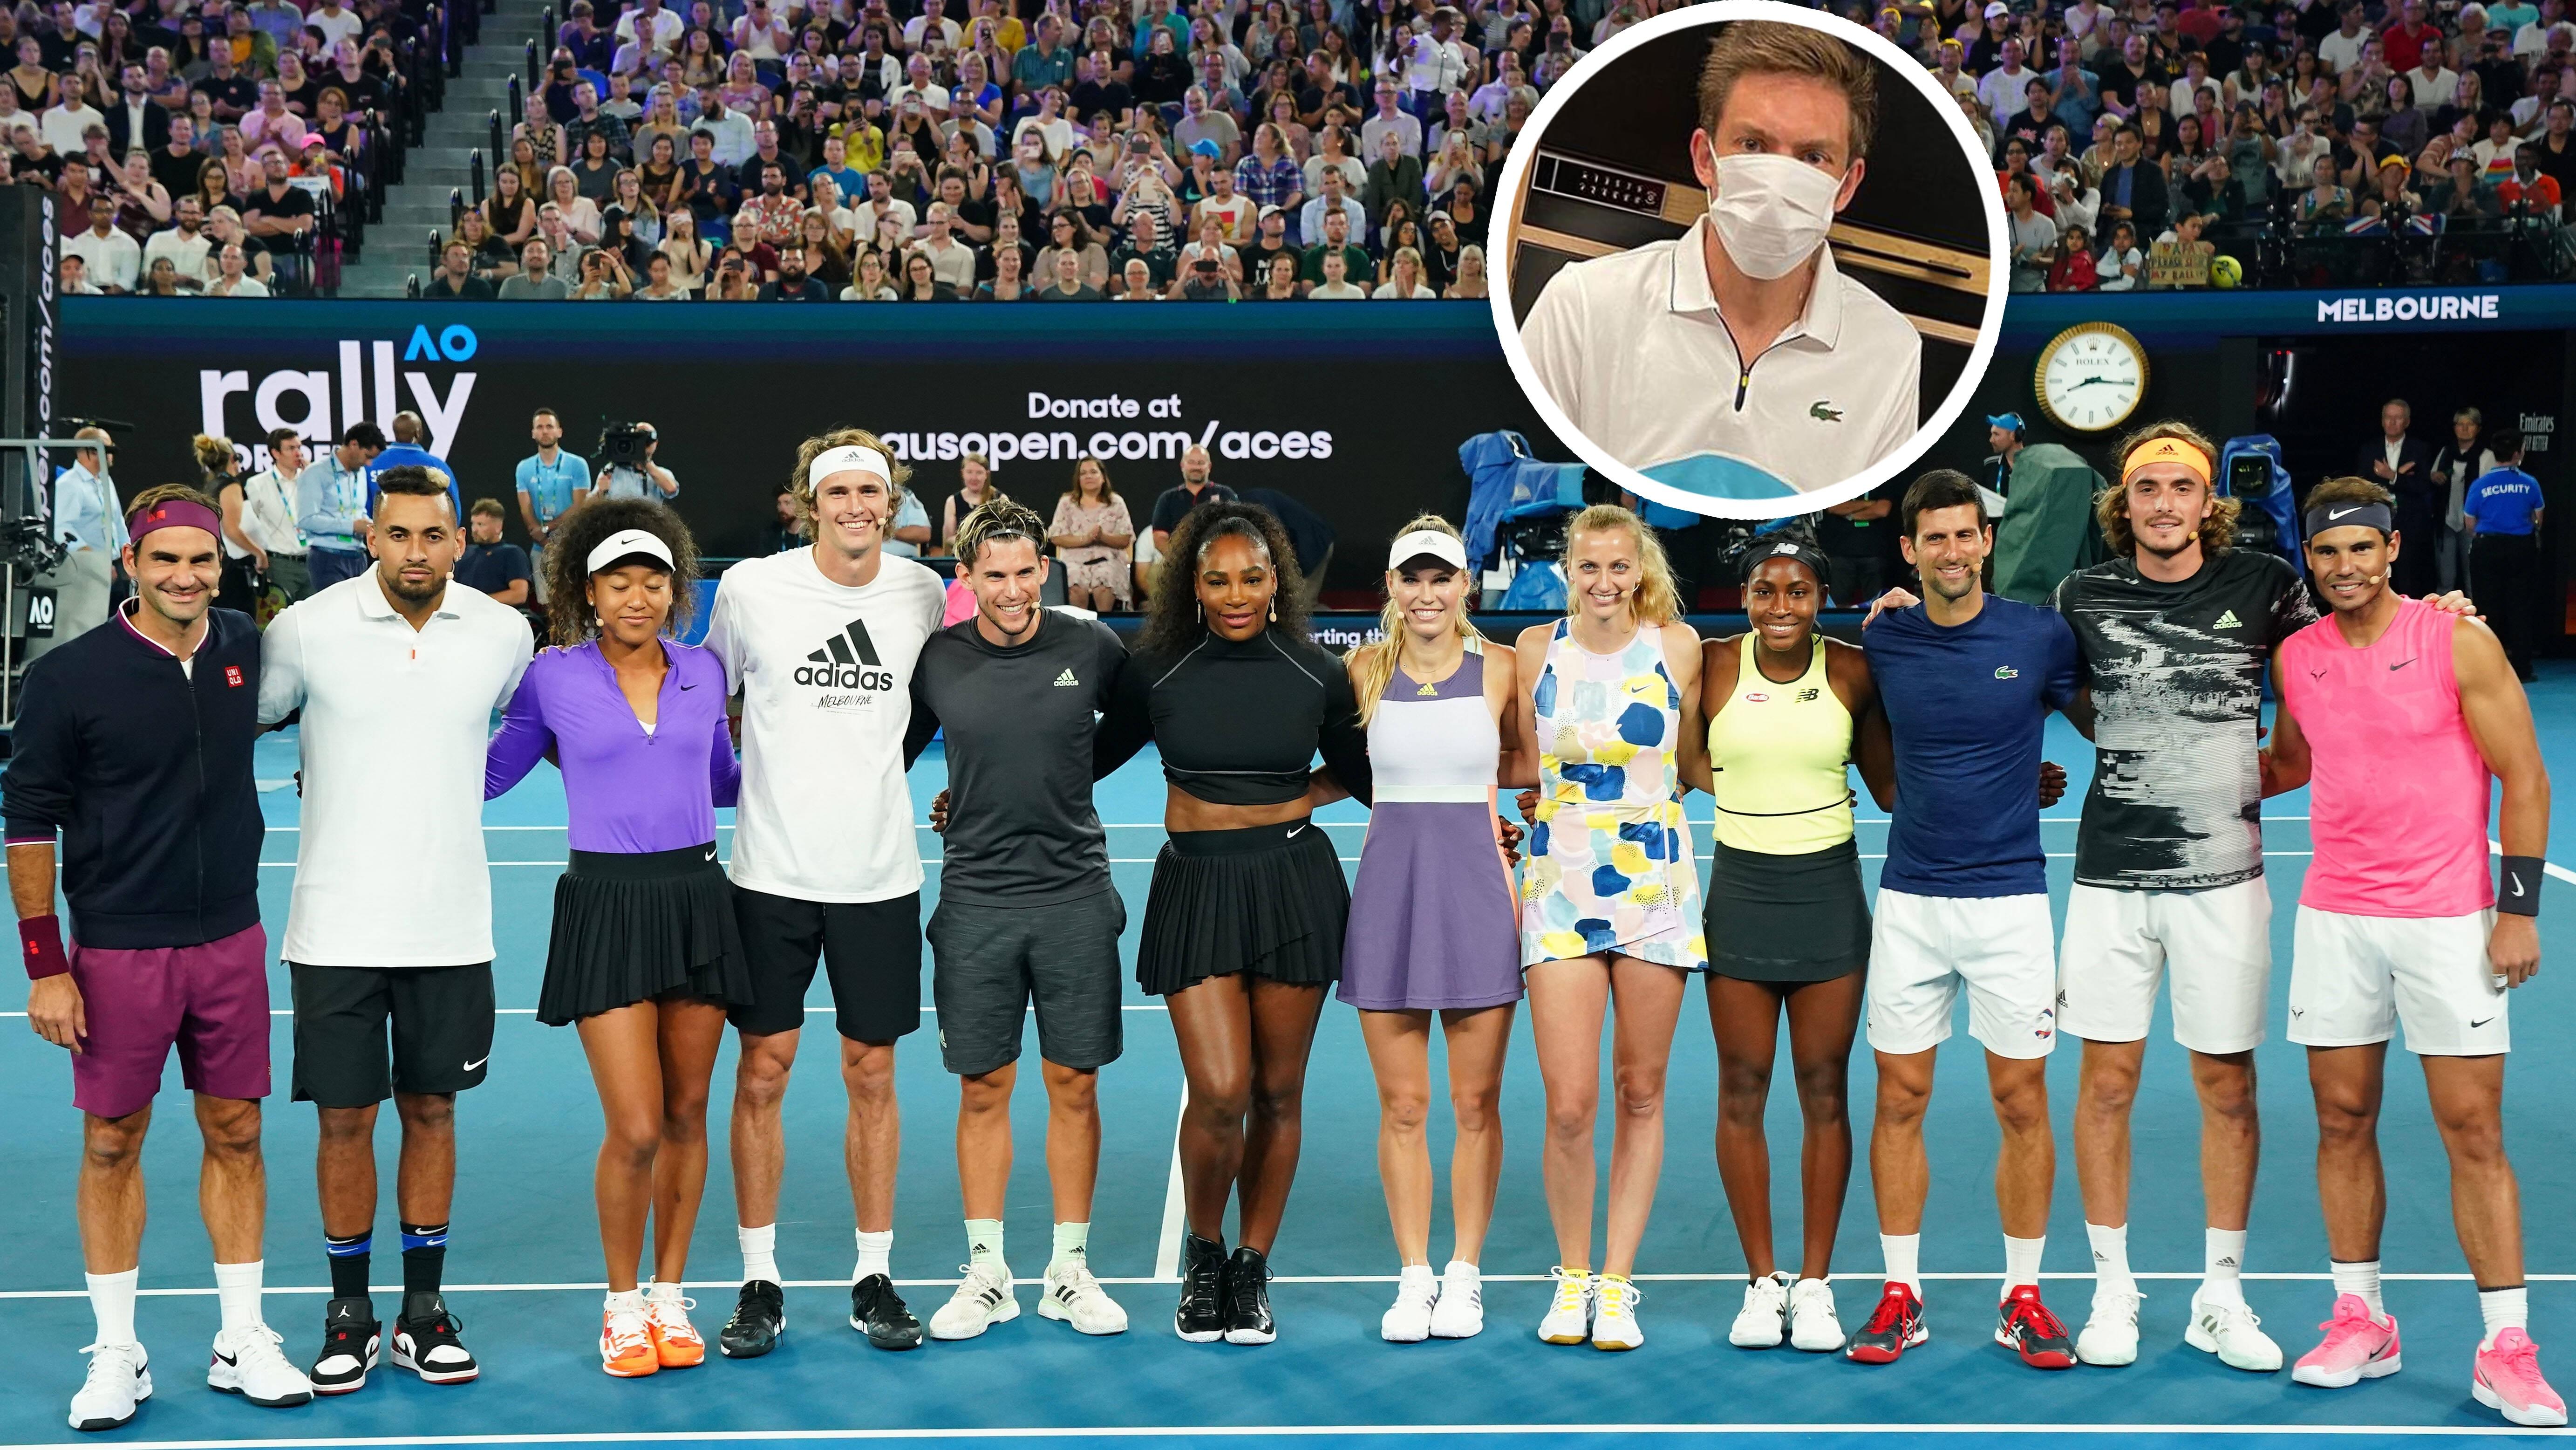 Australian Open: Tennis-Stars reagieren mit Galgenhumor und Spenden-Show auf Buschbrände